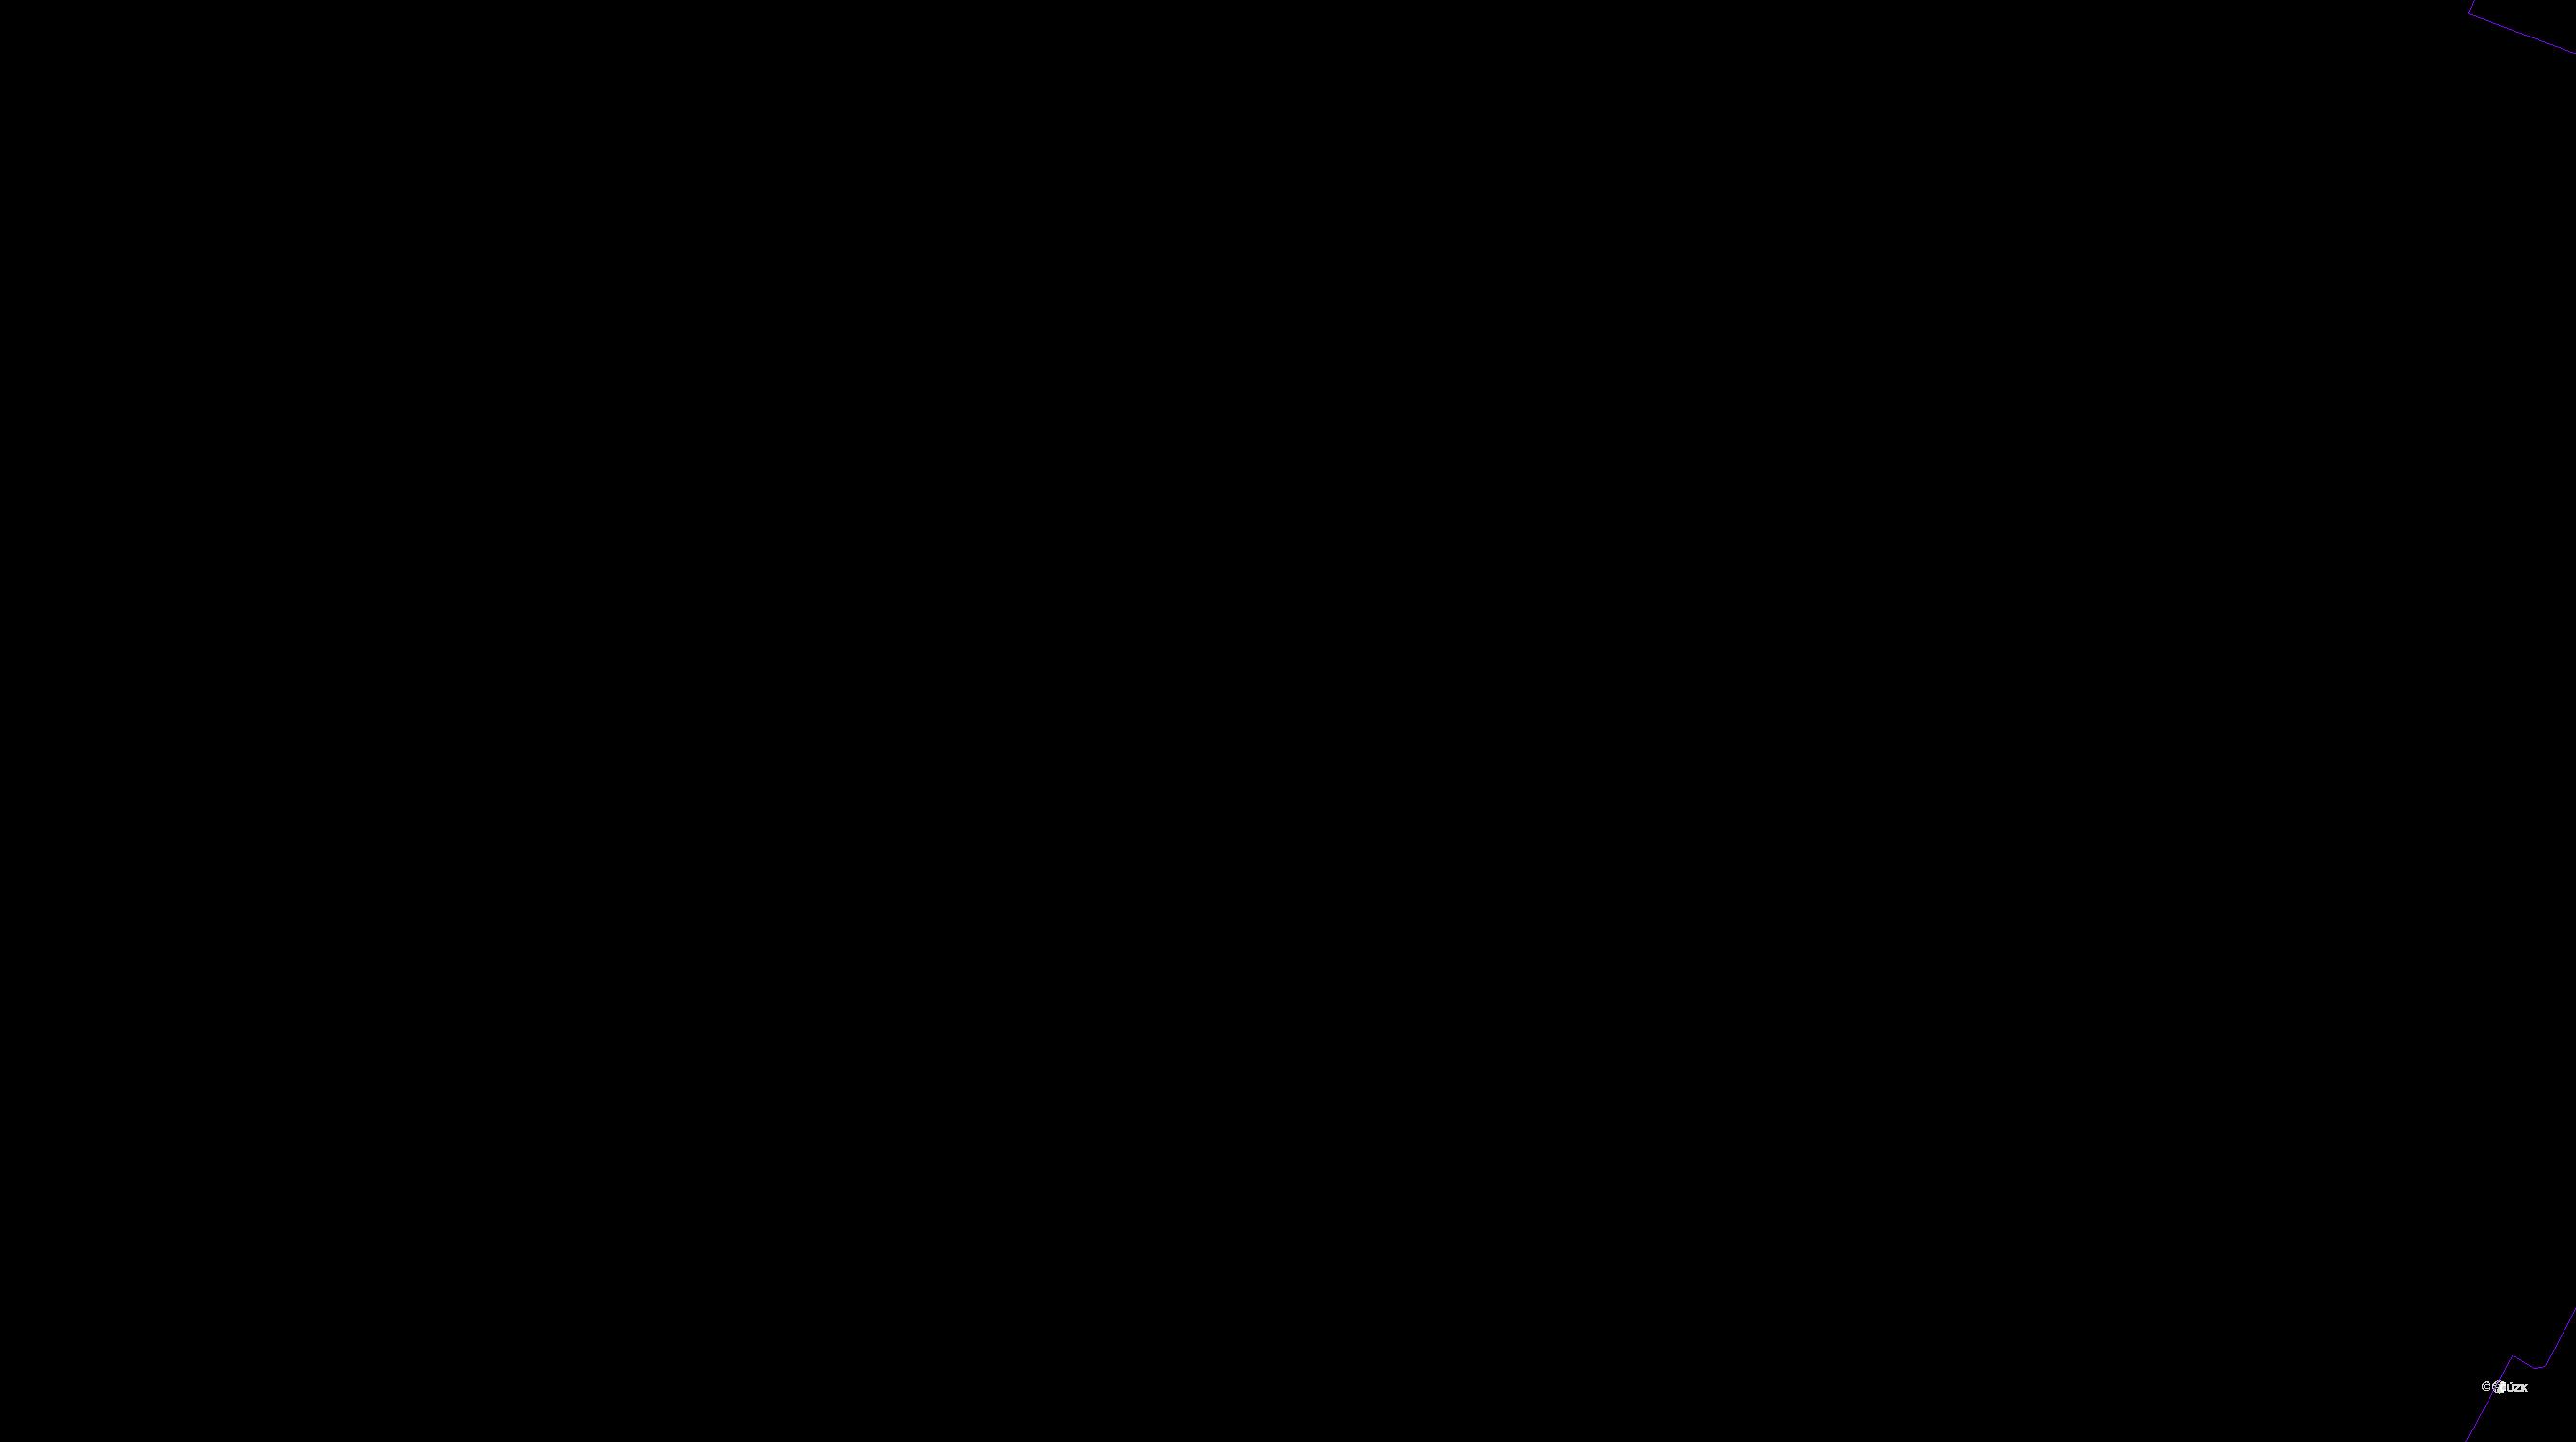 Katastrální mapa pozemků a čísla parcel Holetice